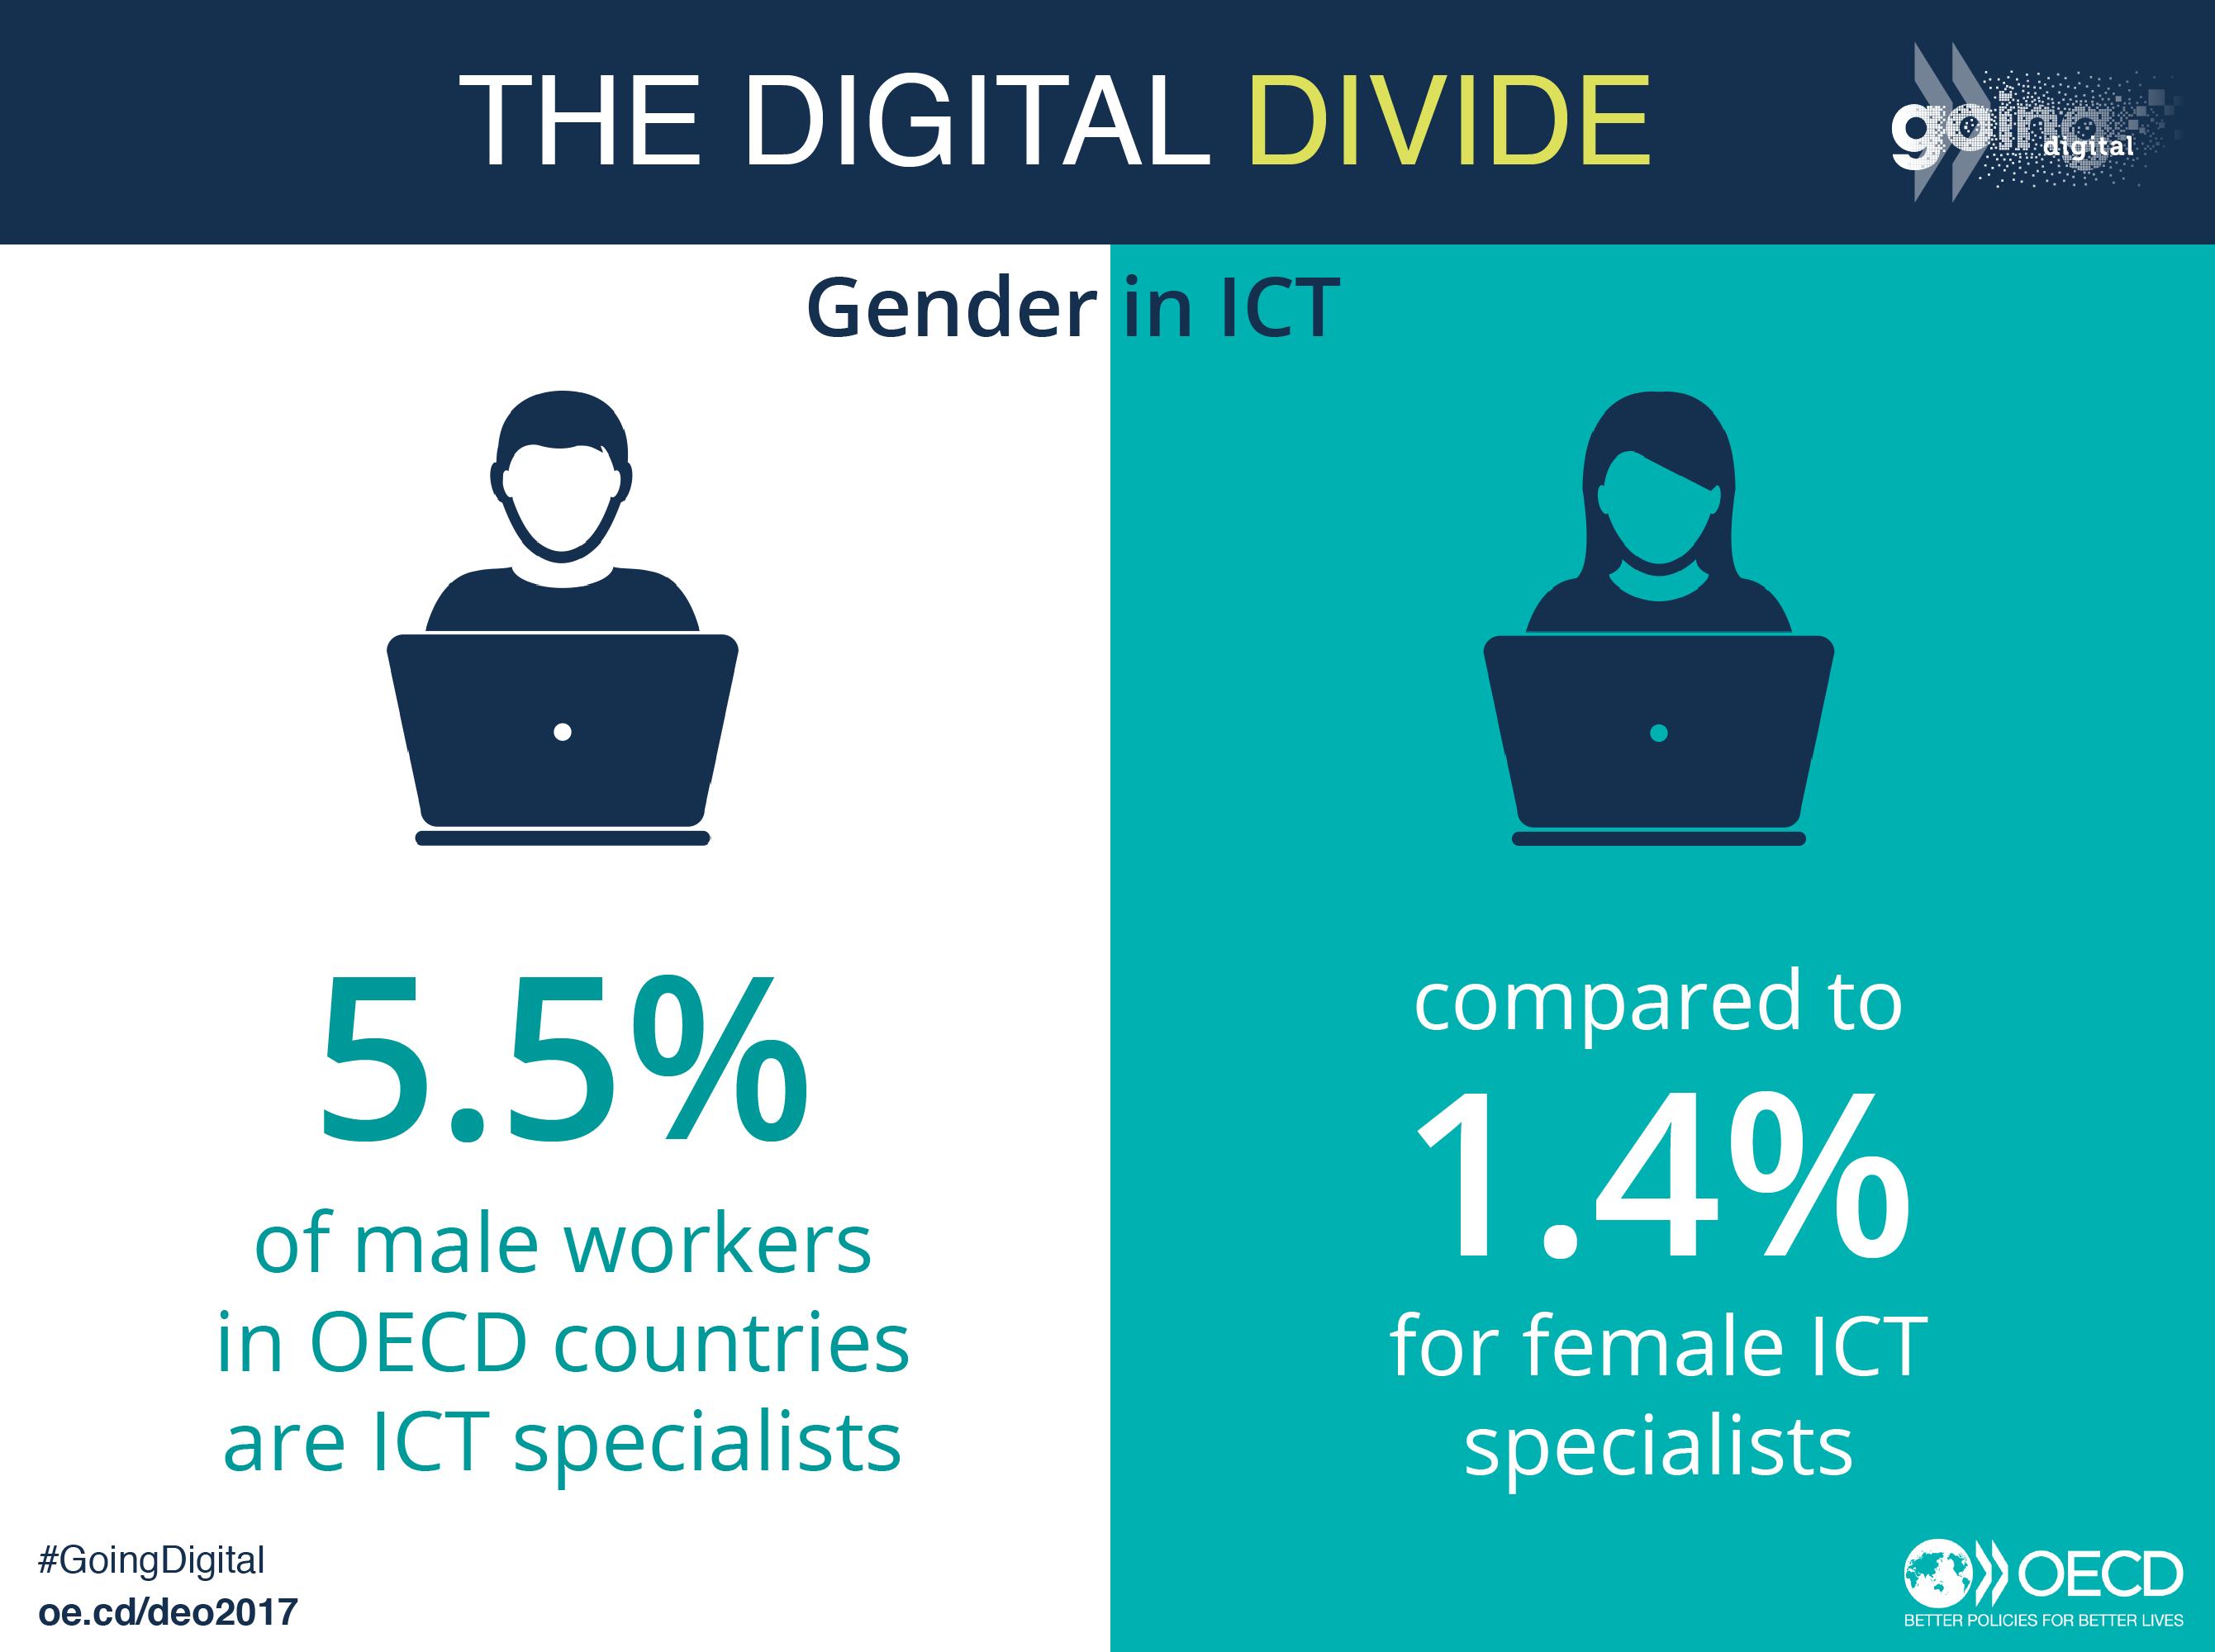 Gender divide in ICT